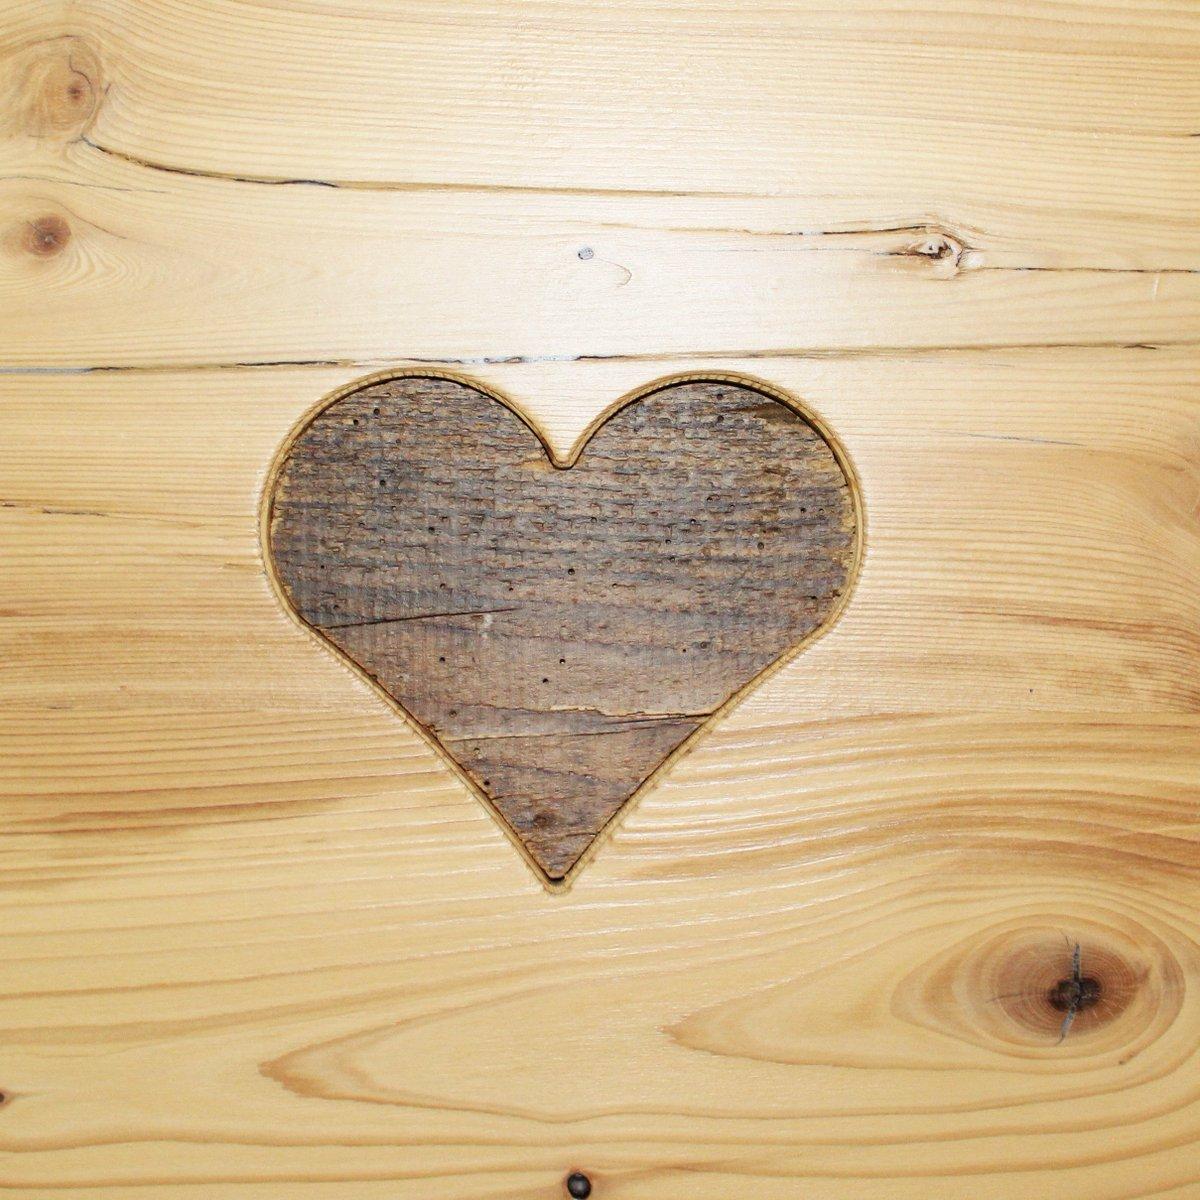 Sono le piccole cose a riempire il #cuore! Ed il profumo del #legno...  - Ukustom